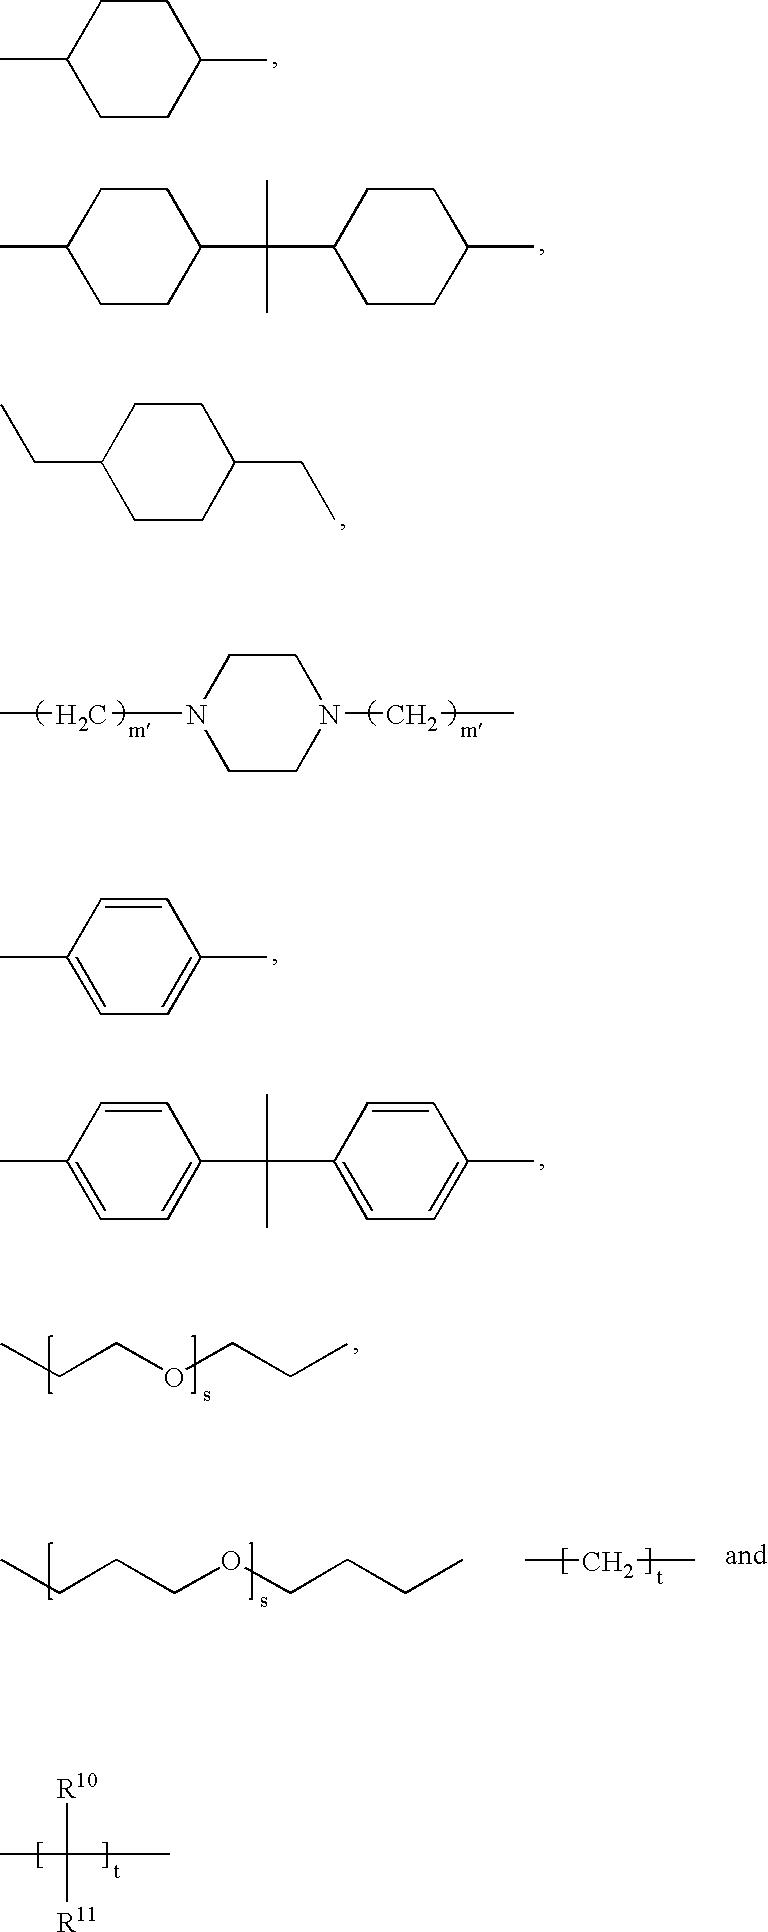 Figure US20060235084A1-20061019-C00008